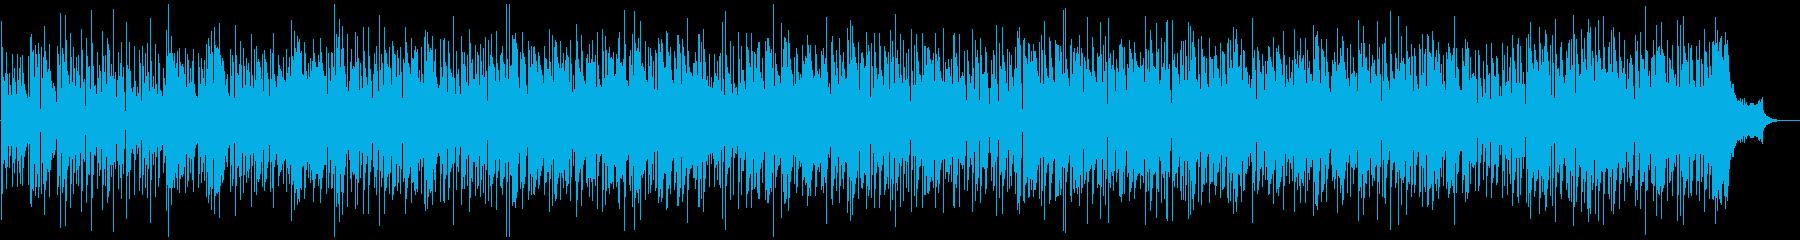 ブルージーなフィドルの再生済みの波形